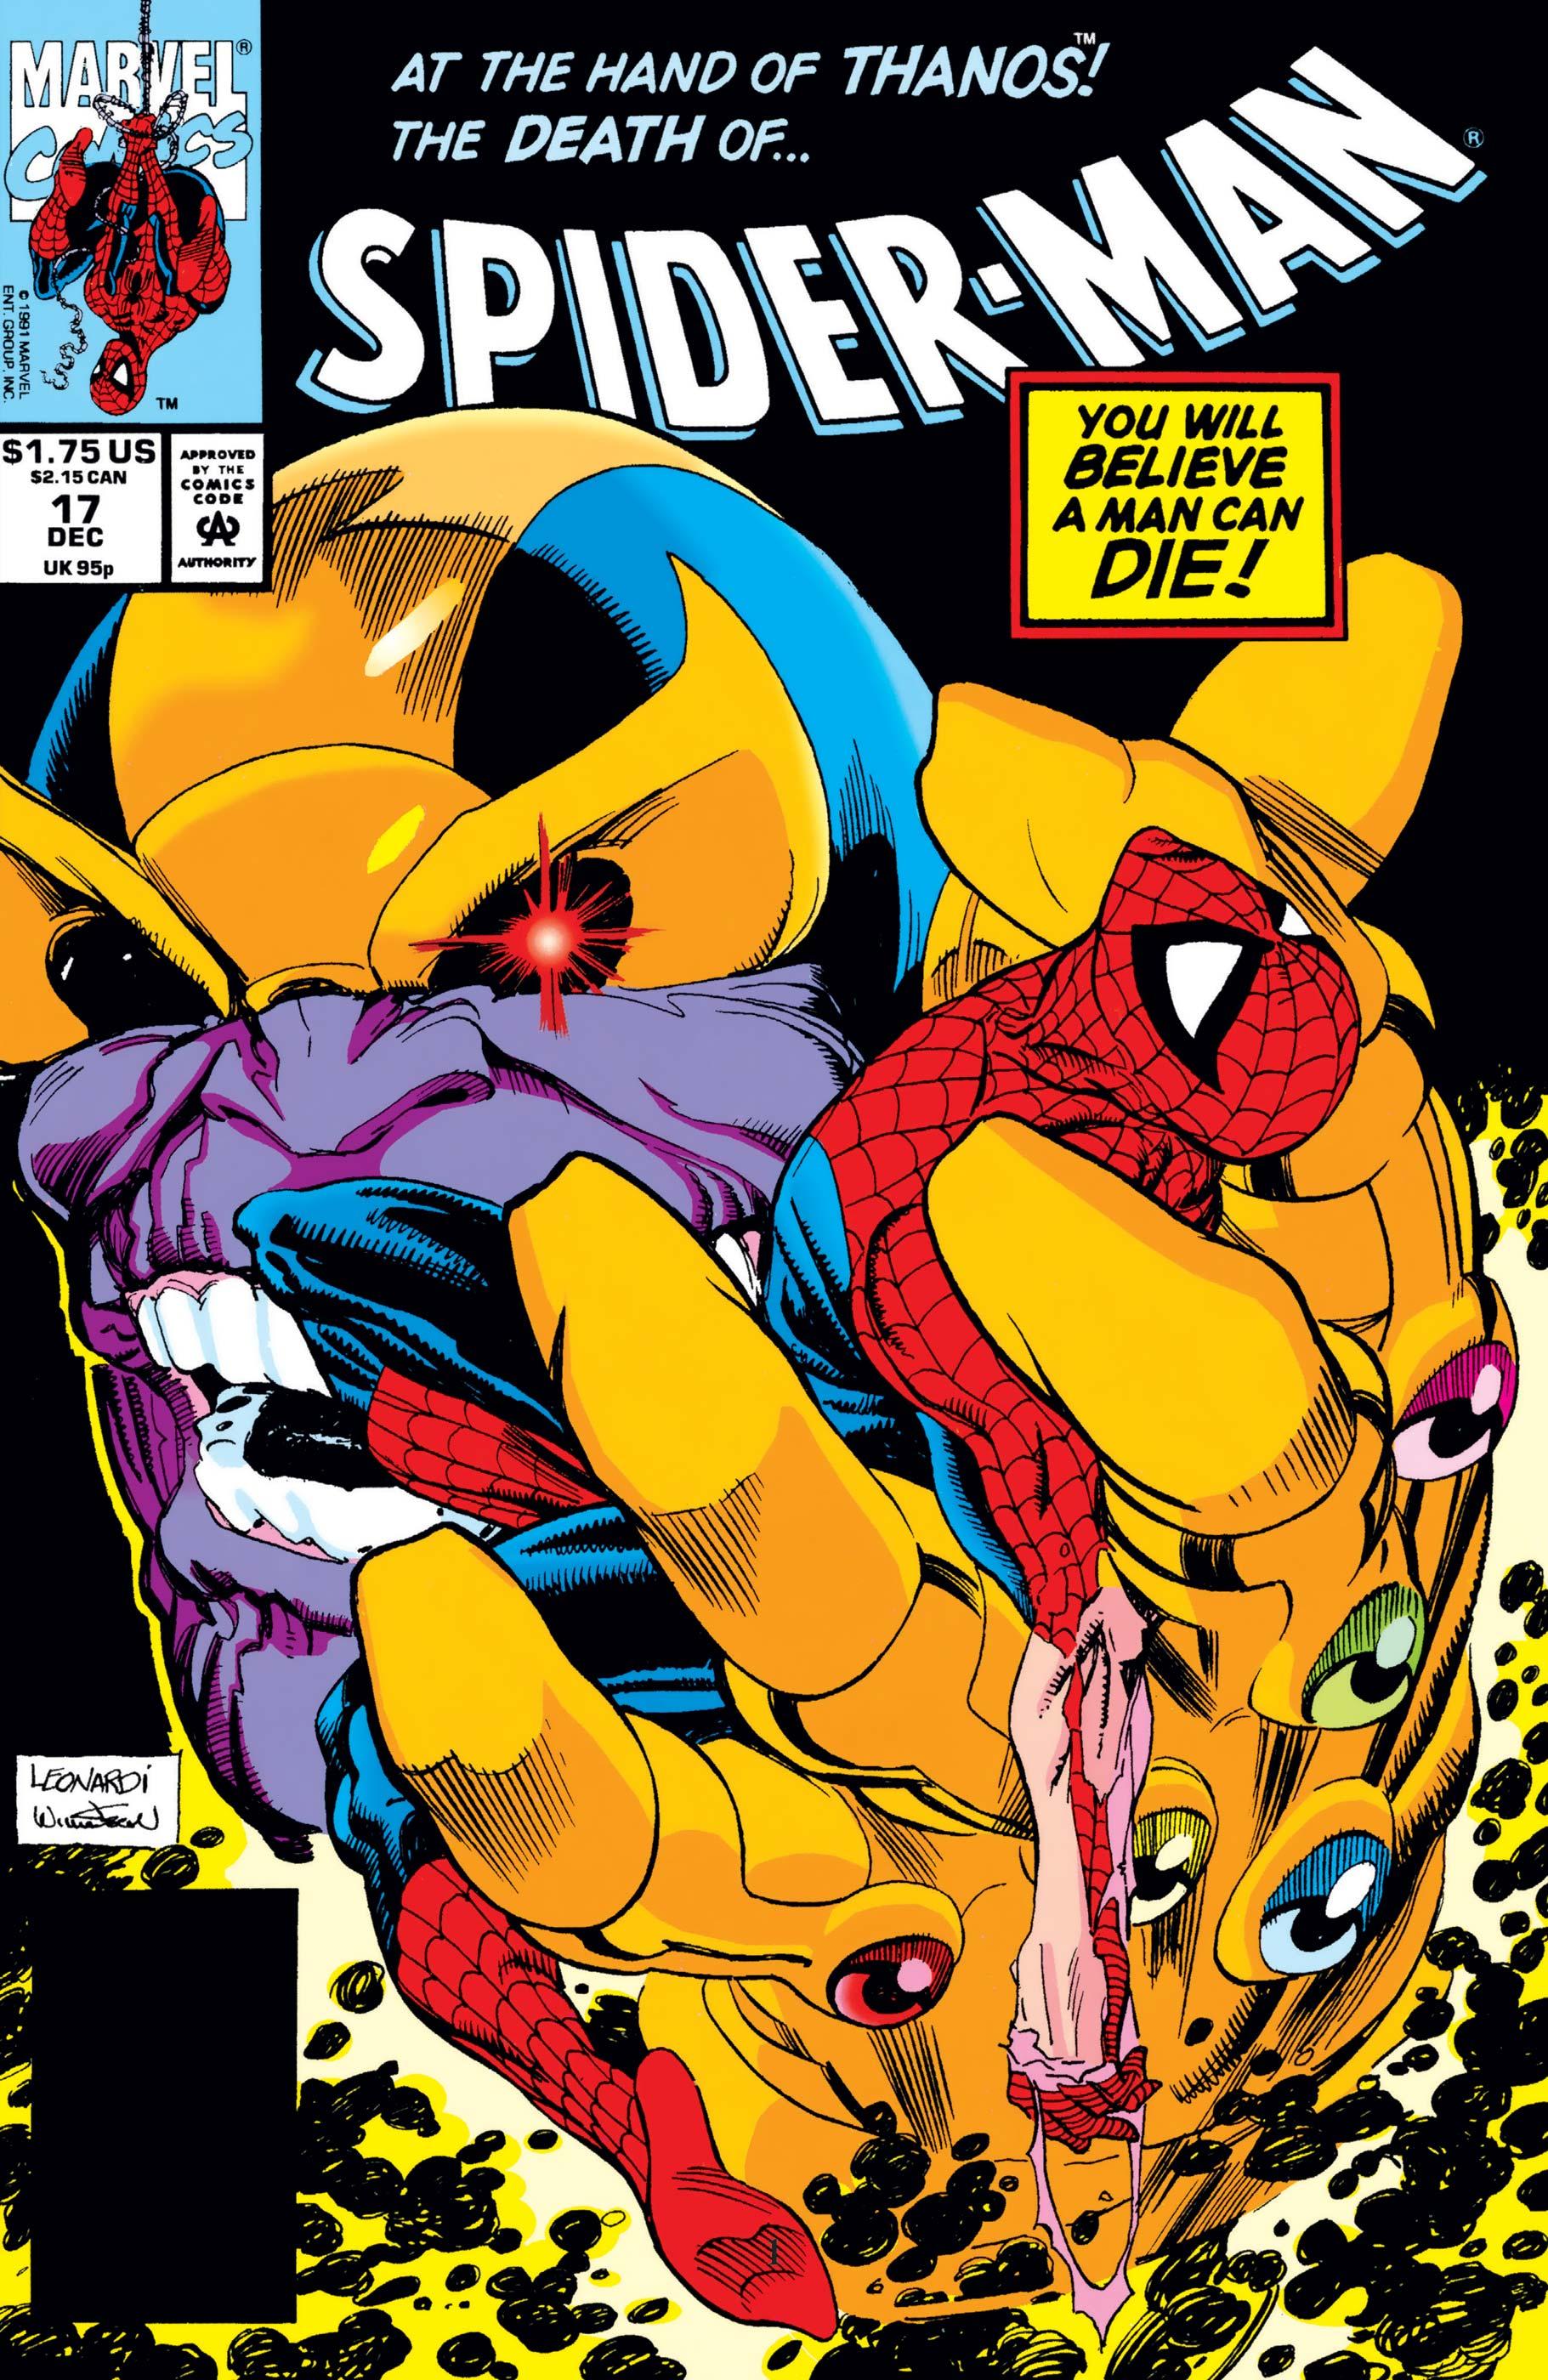 Spider-Man (1990) #17